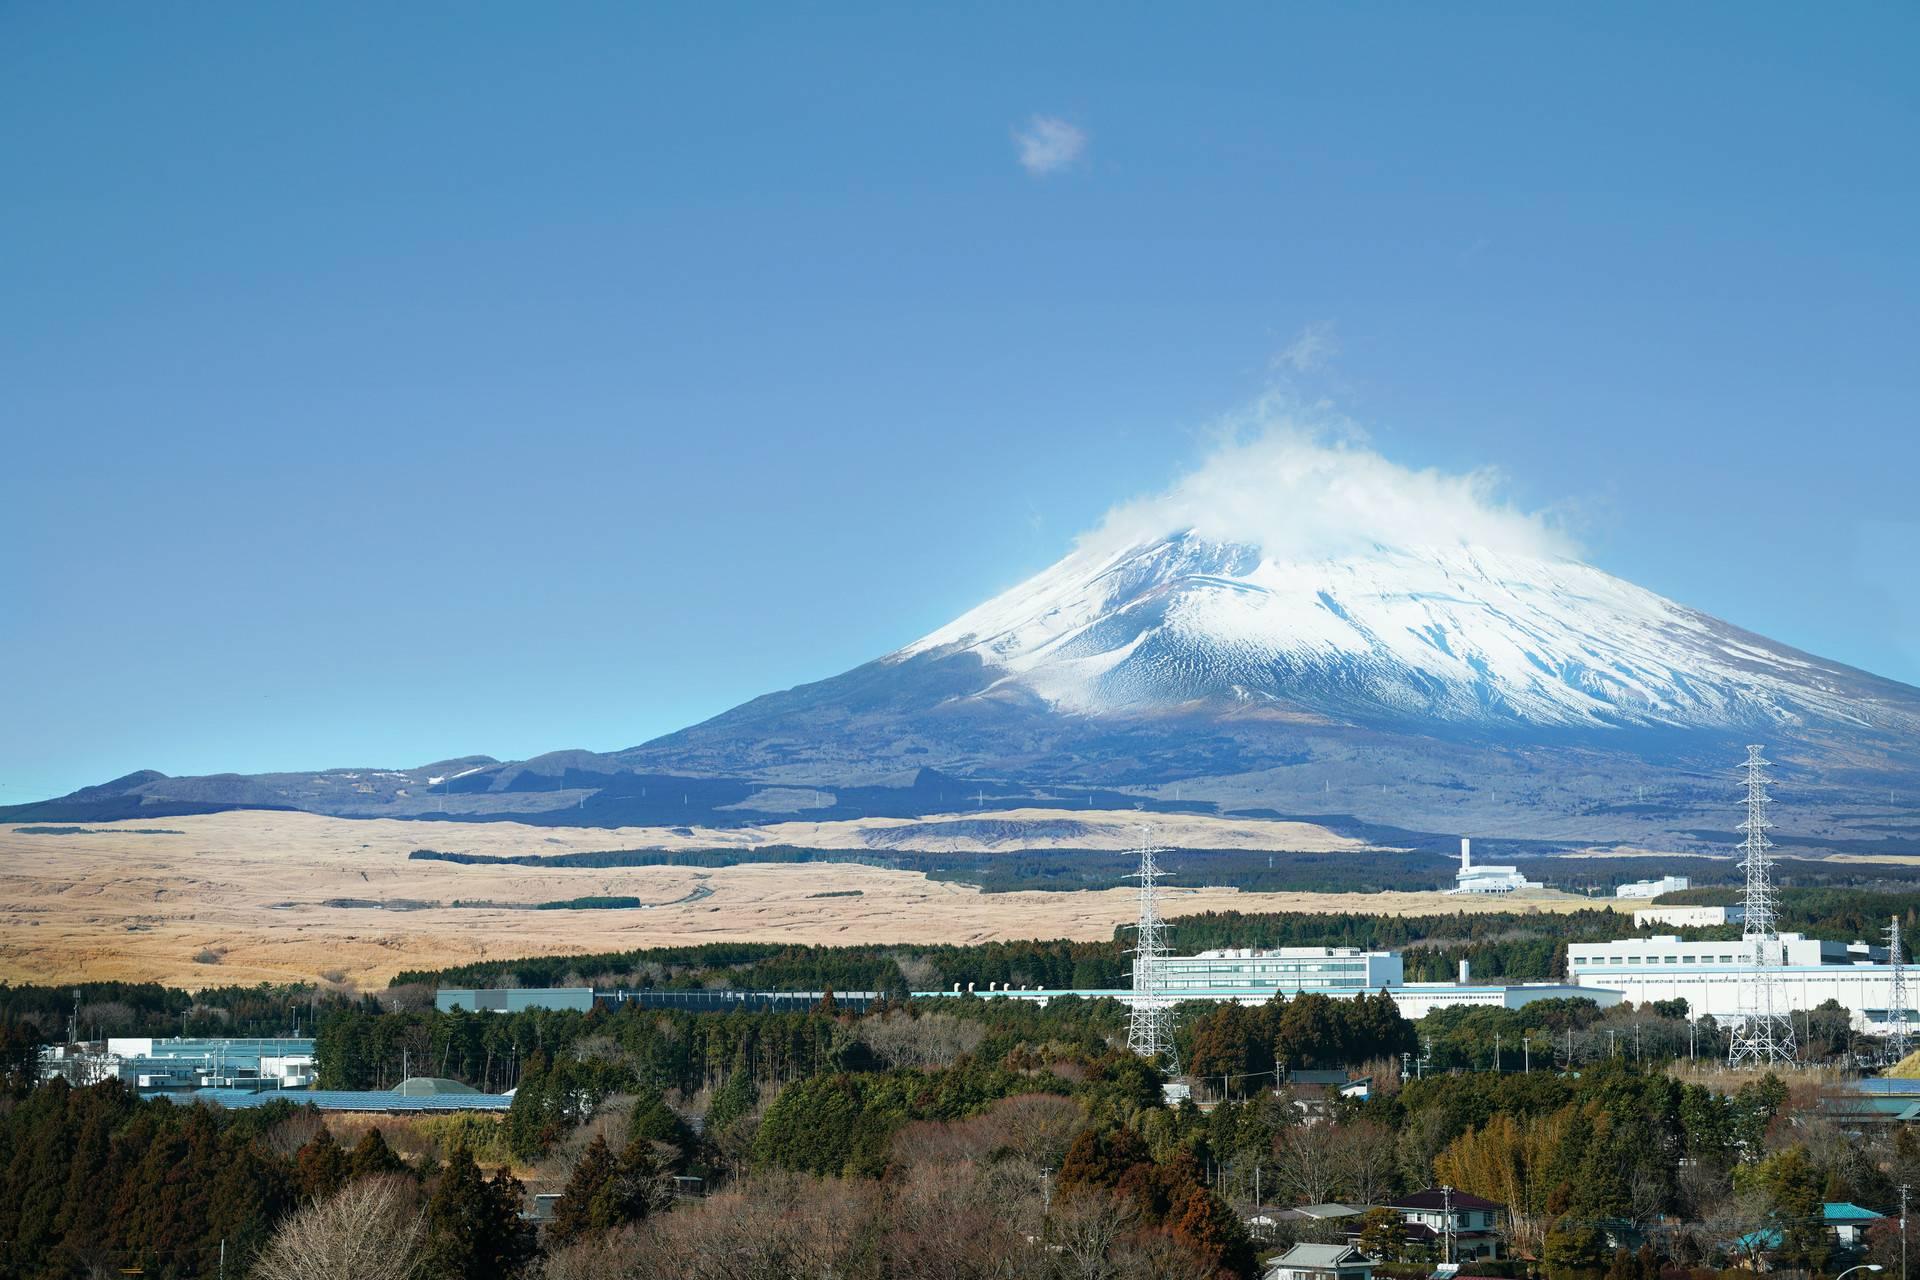 【枫中奇遇】日本·东京+富士山·5+1天半自由行